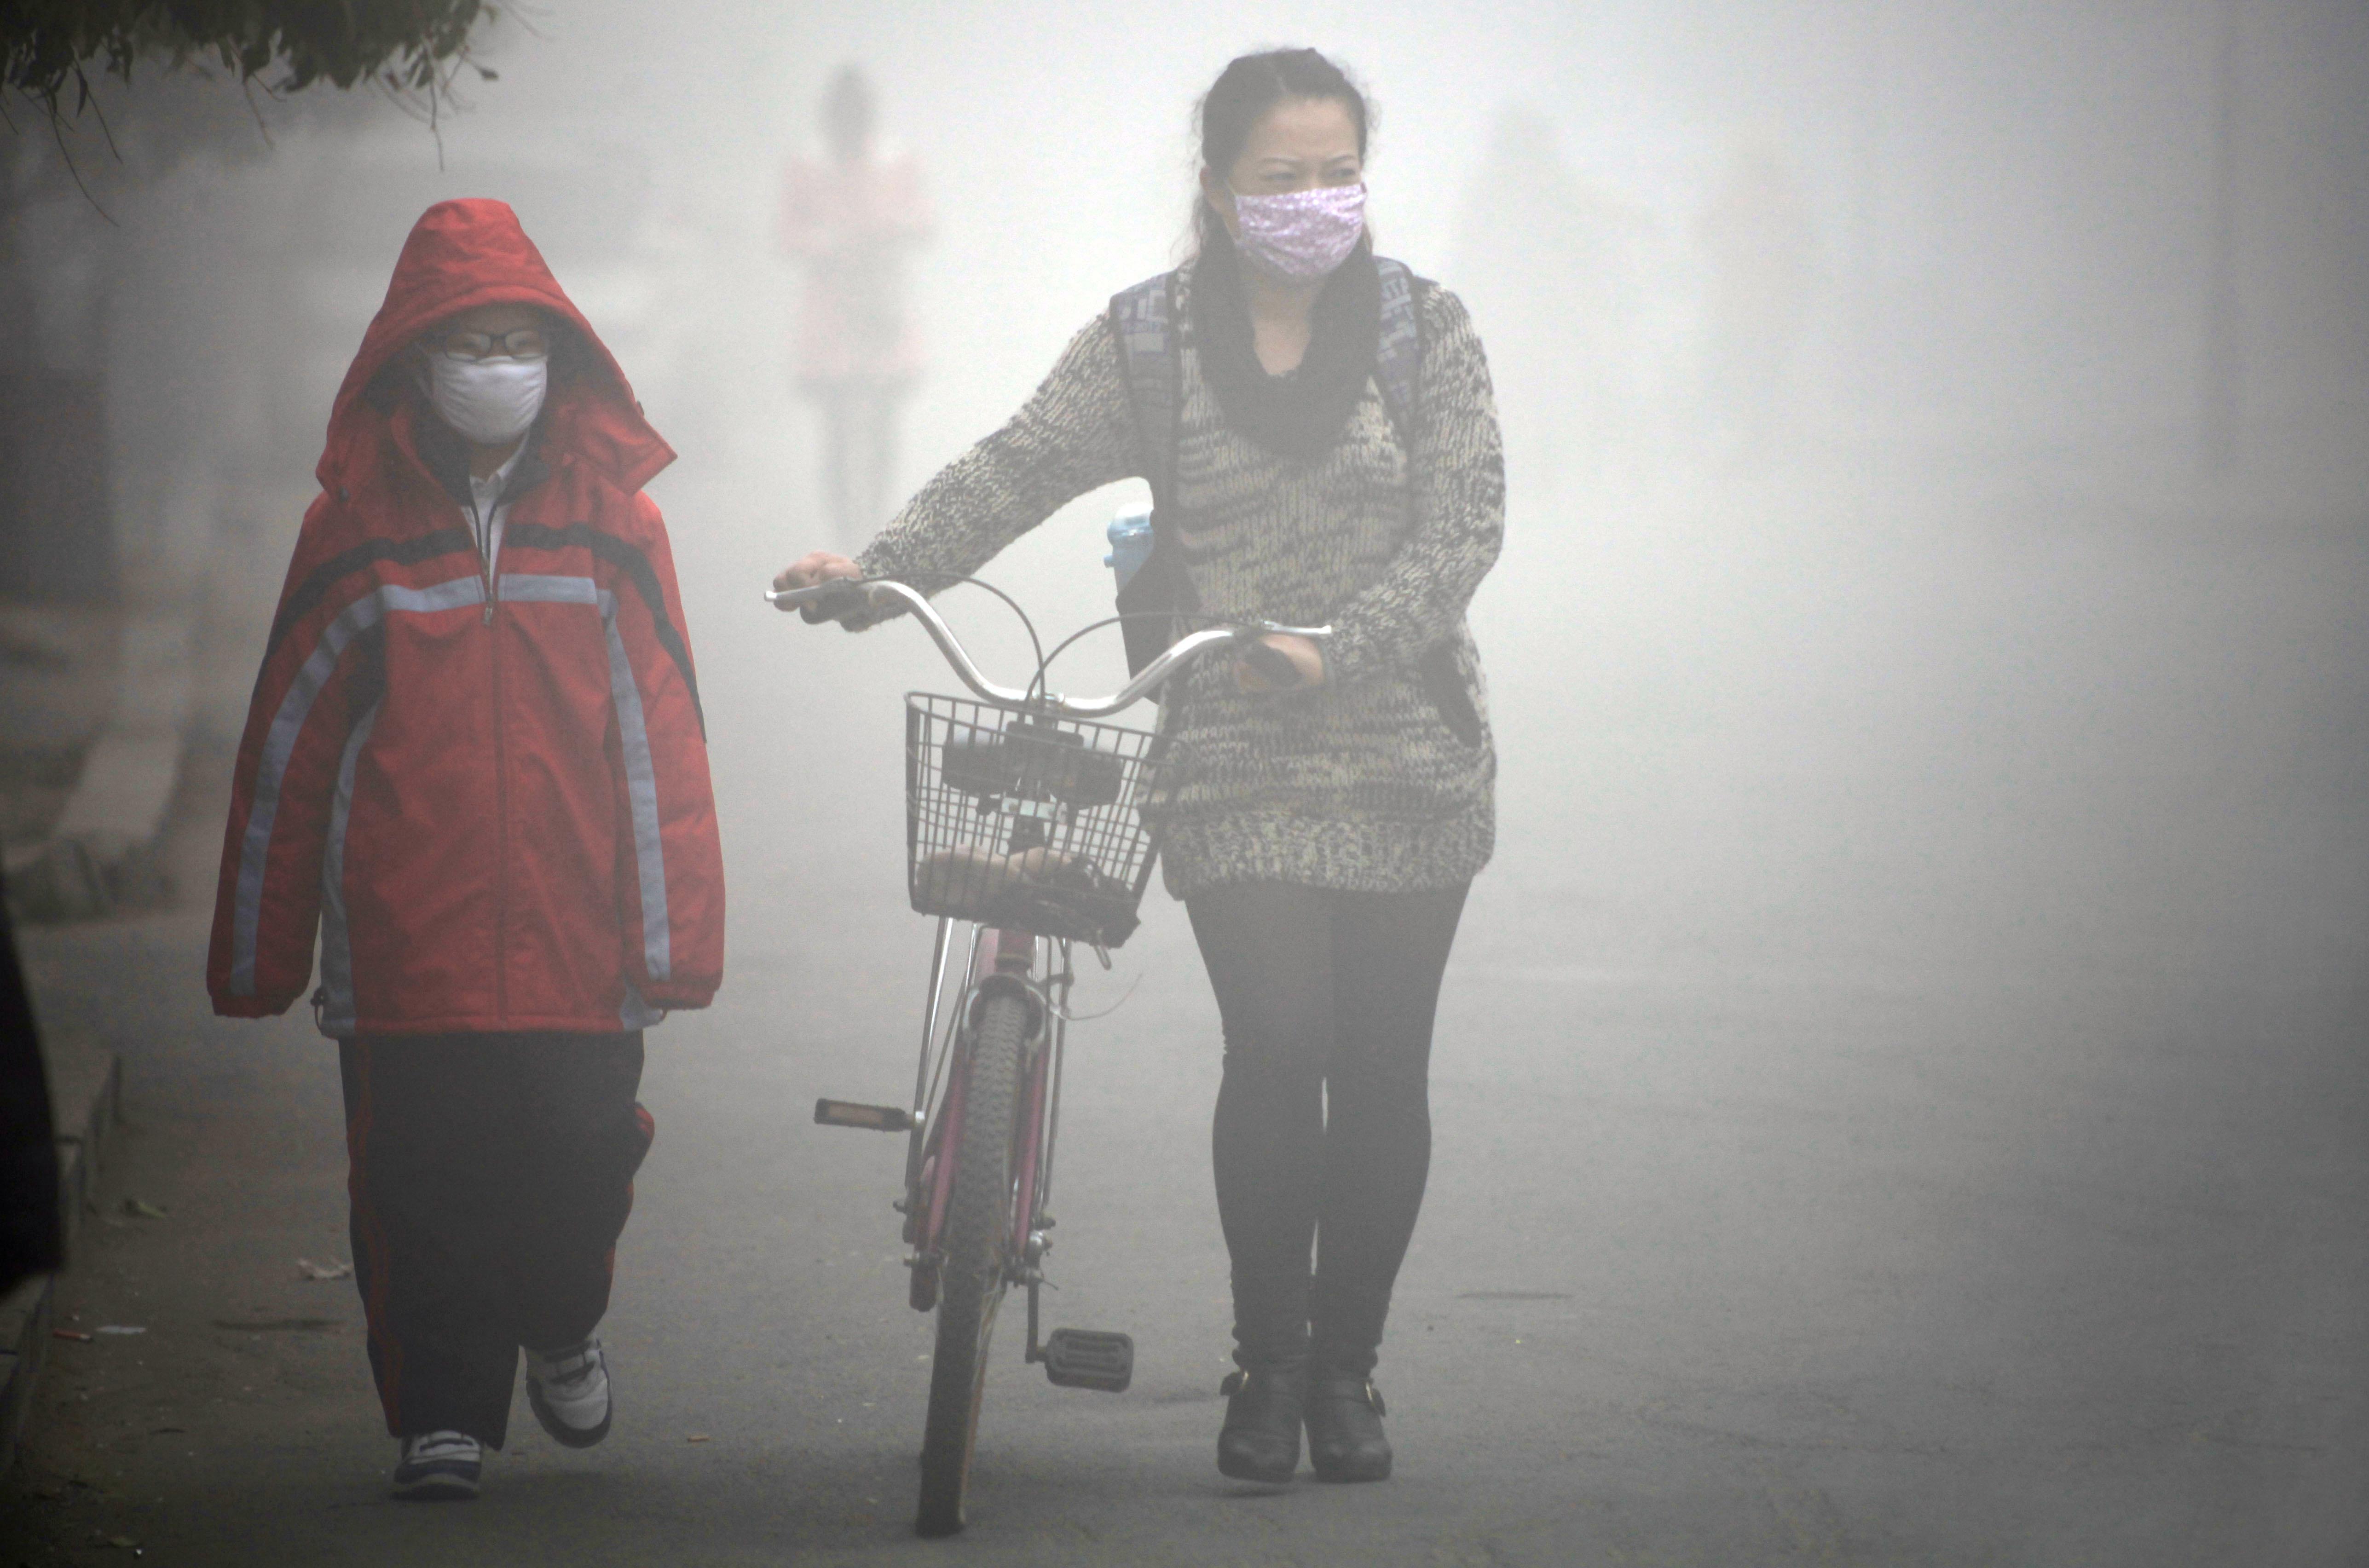 Már négy településen számít egészségtelennek a levegő minősége